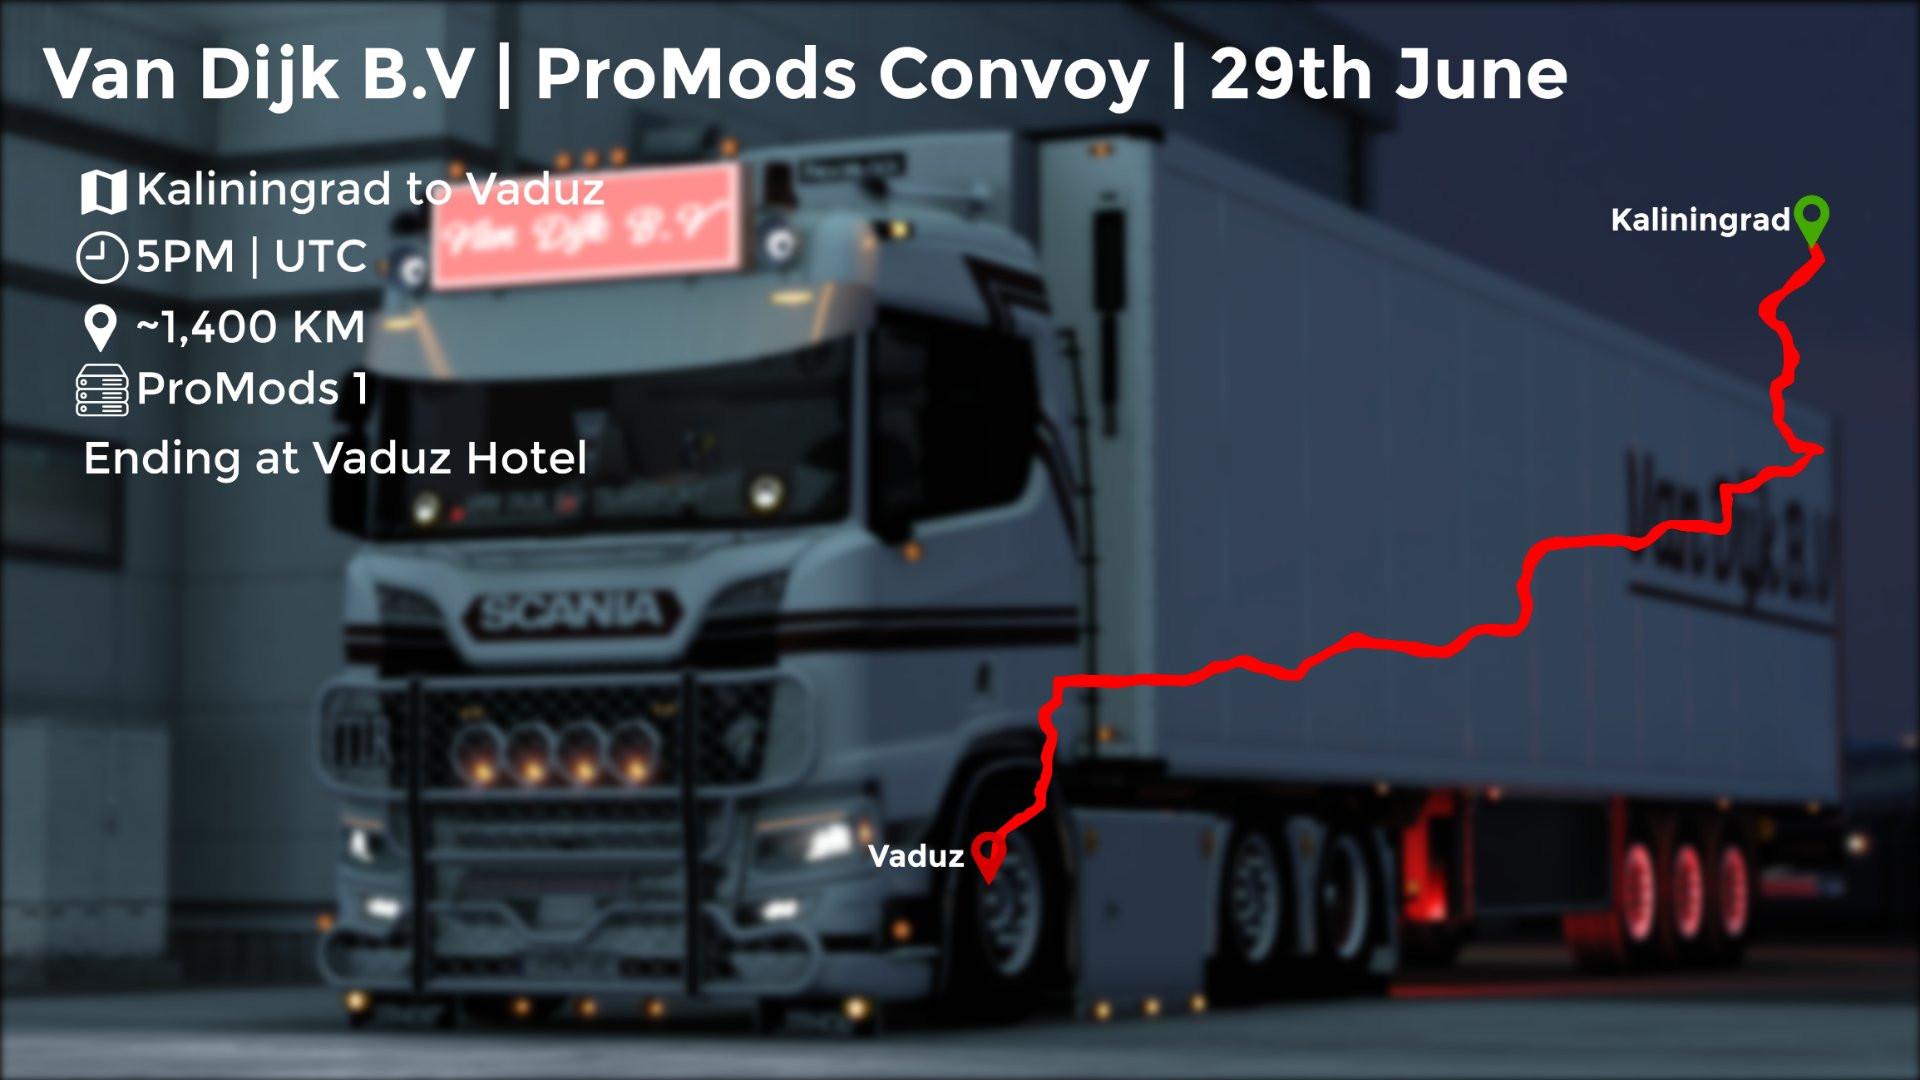 Van Dijk B.V Promods Convoy